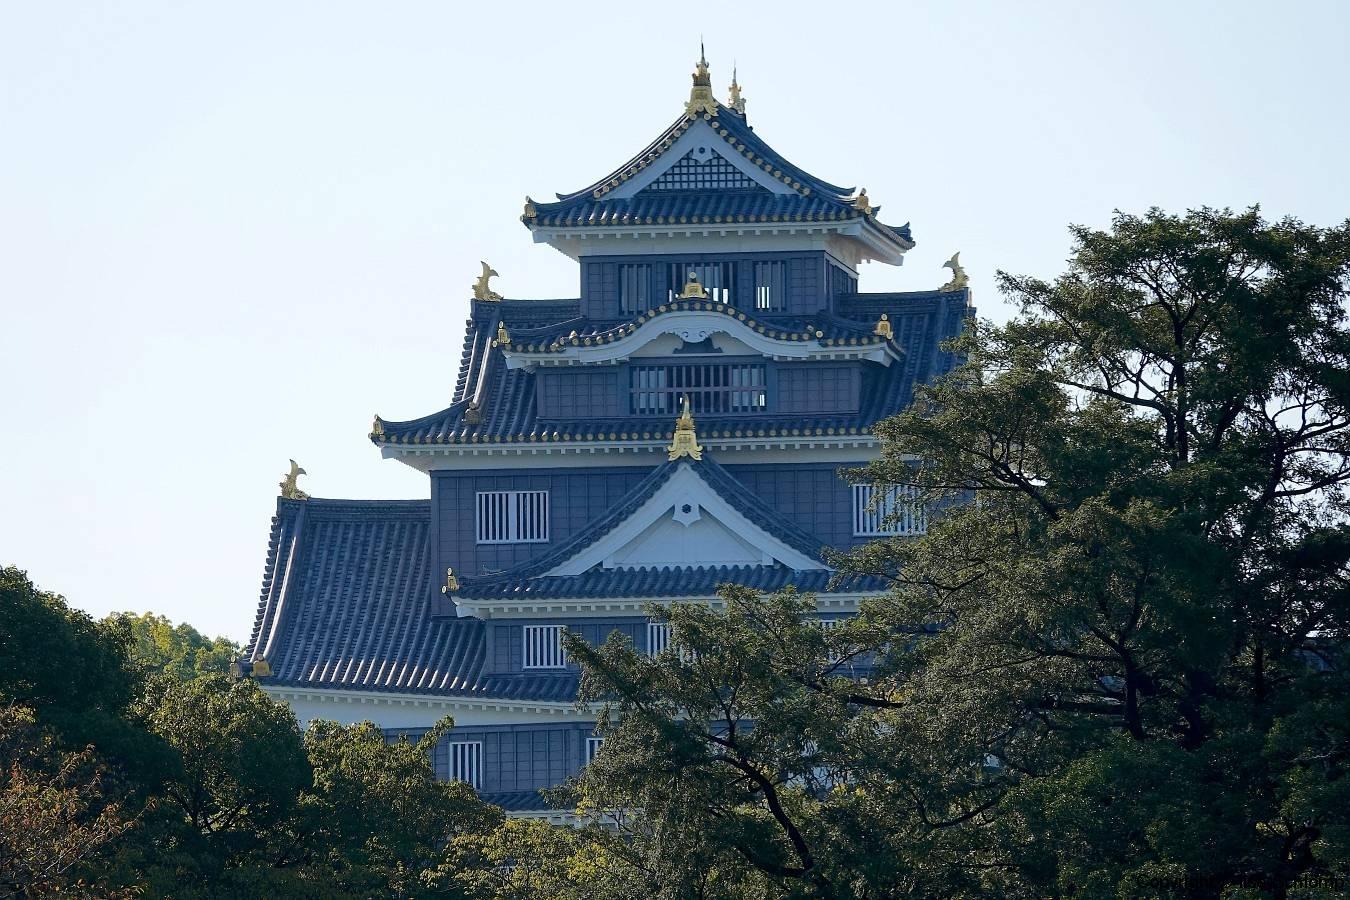 Japan, Okayama, Burg Okayama